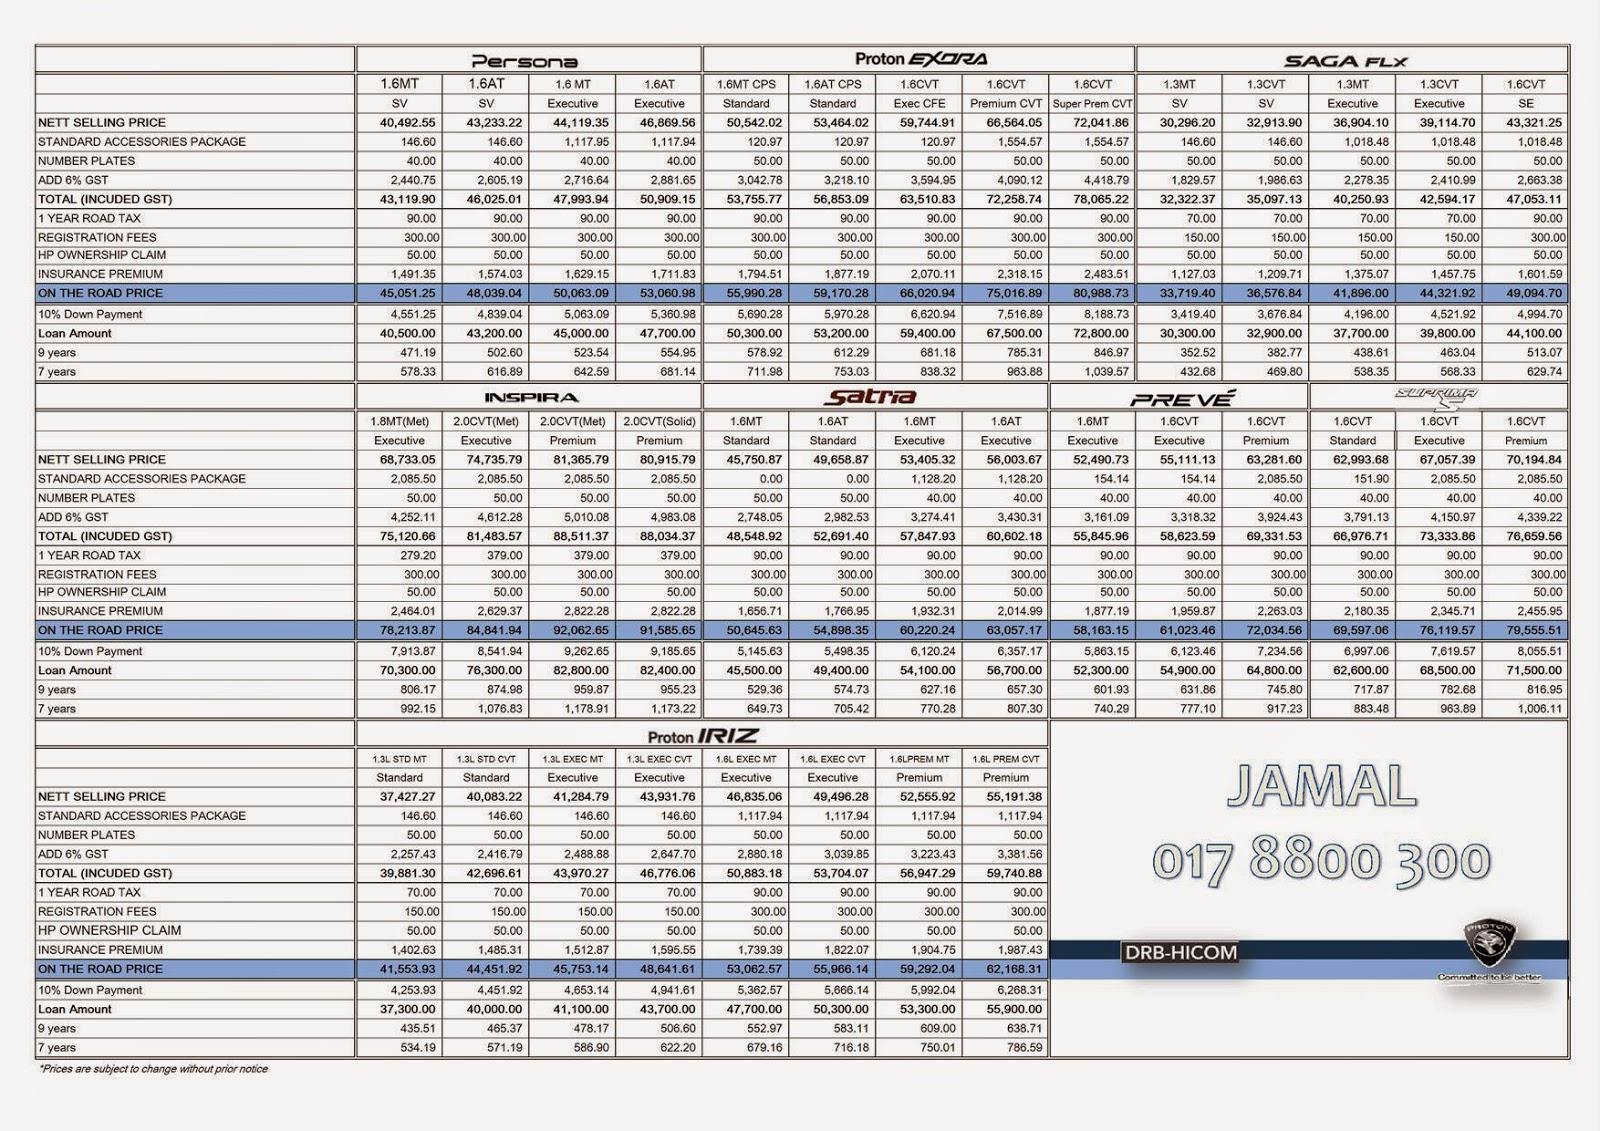 Senarai Harga Proton Edar Price List Untuk pakej2 pinjaman penuh sila hubungi saua 017 8800 300